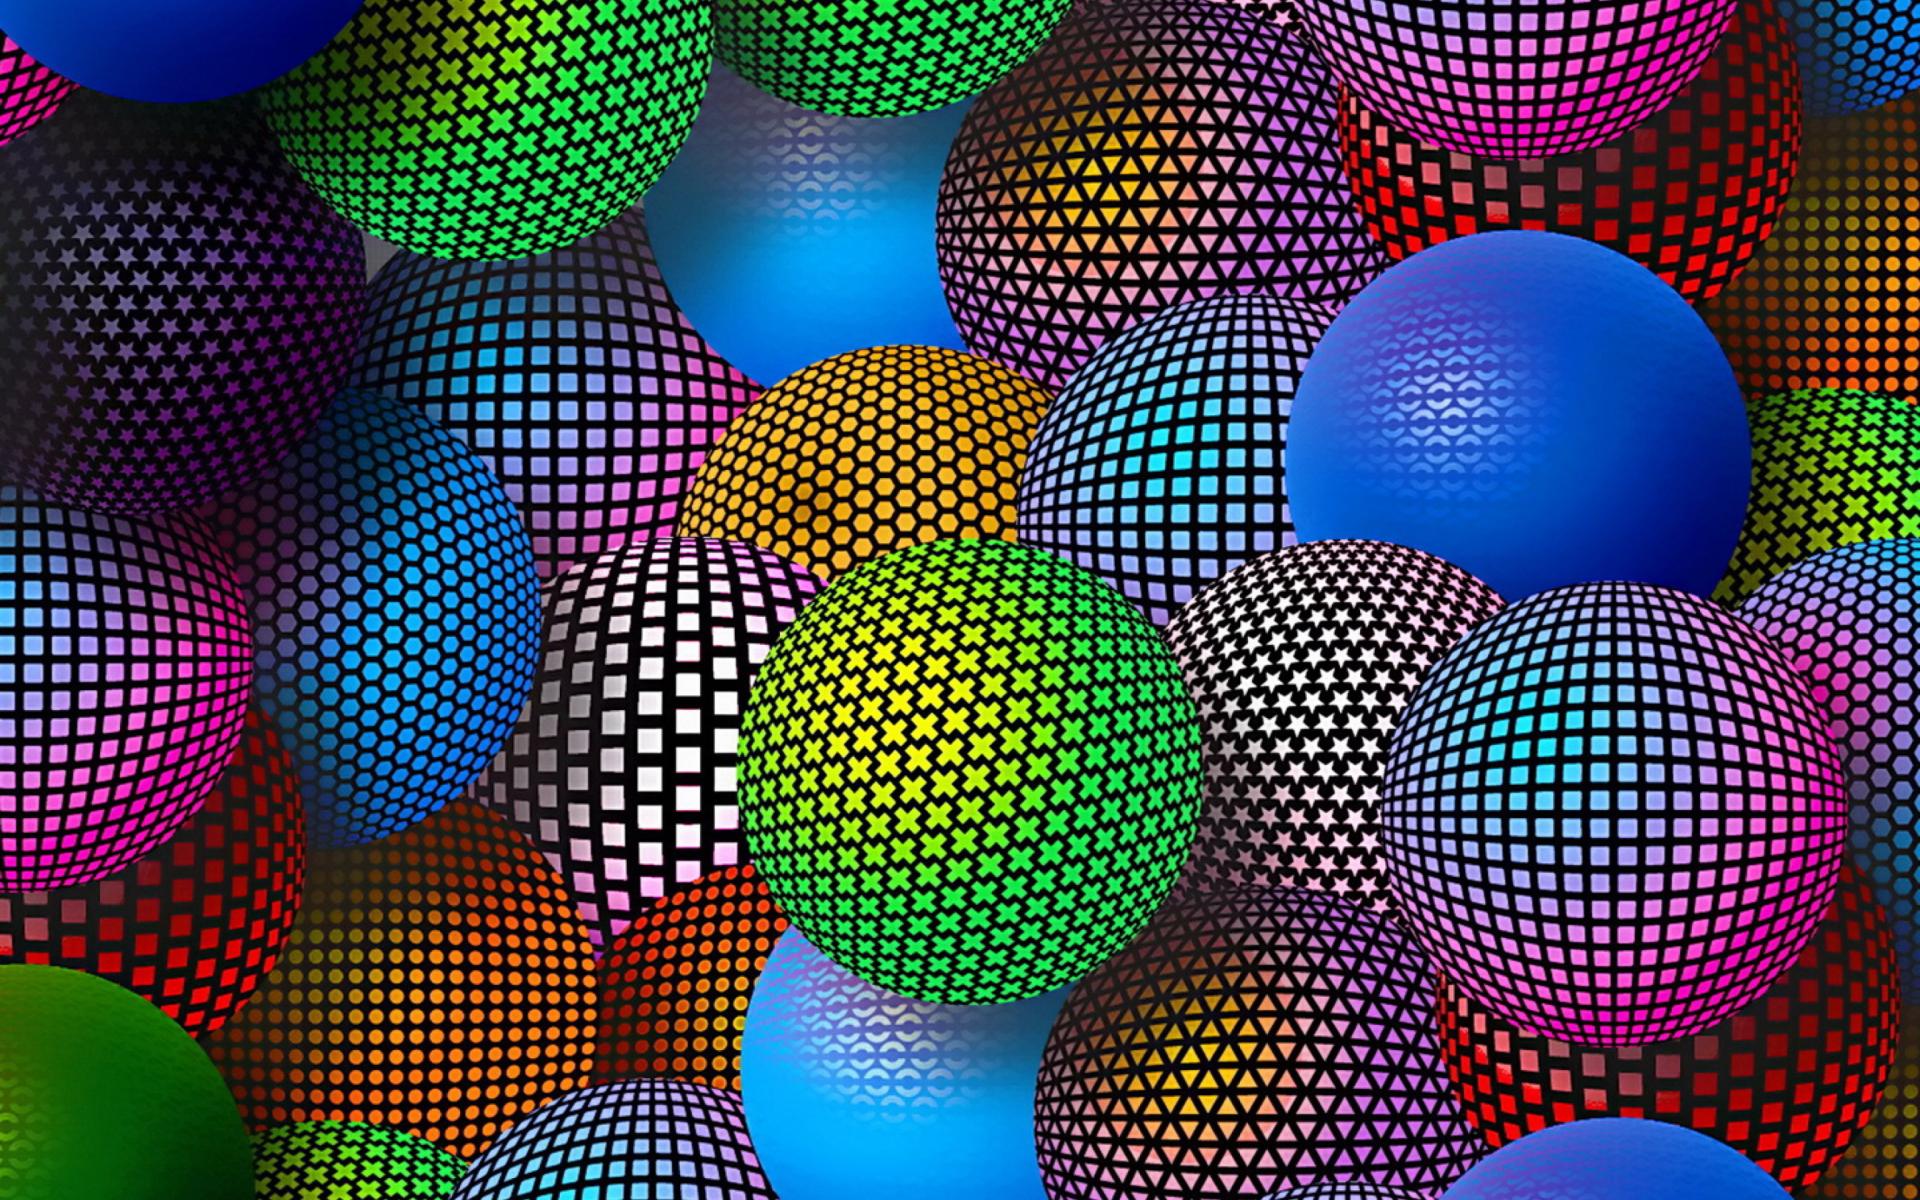 3d Neon Balls Wallpaper For Widescreen Desktop Pc 1920x1080